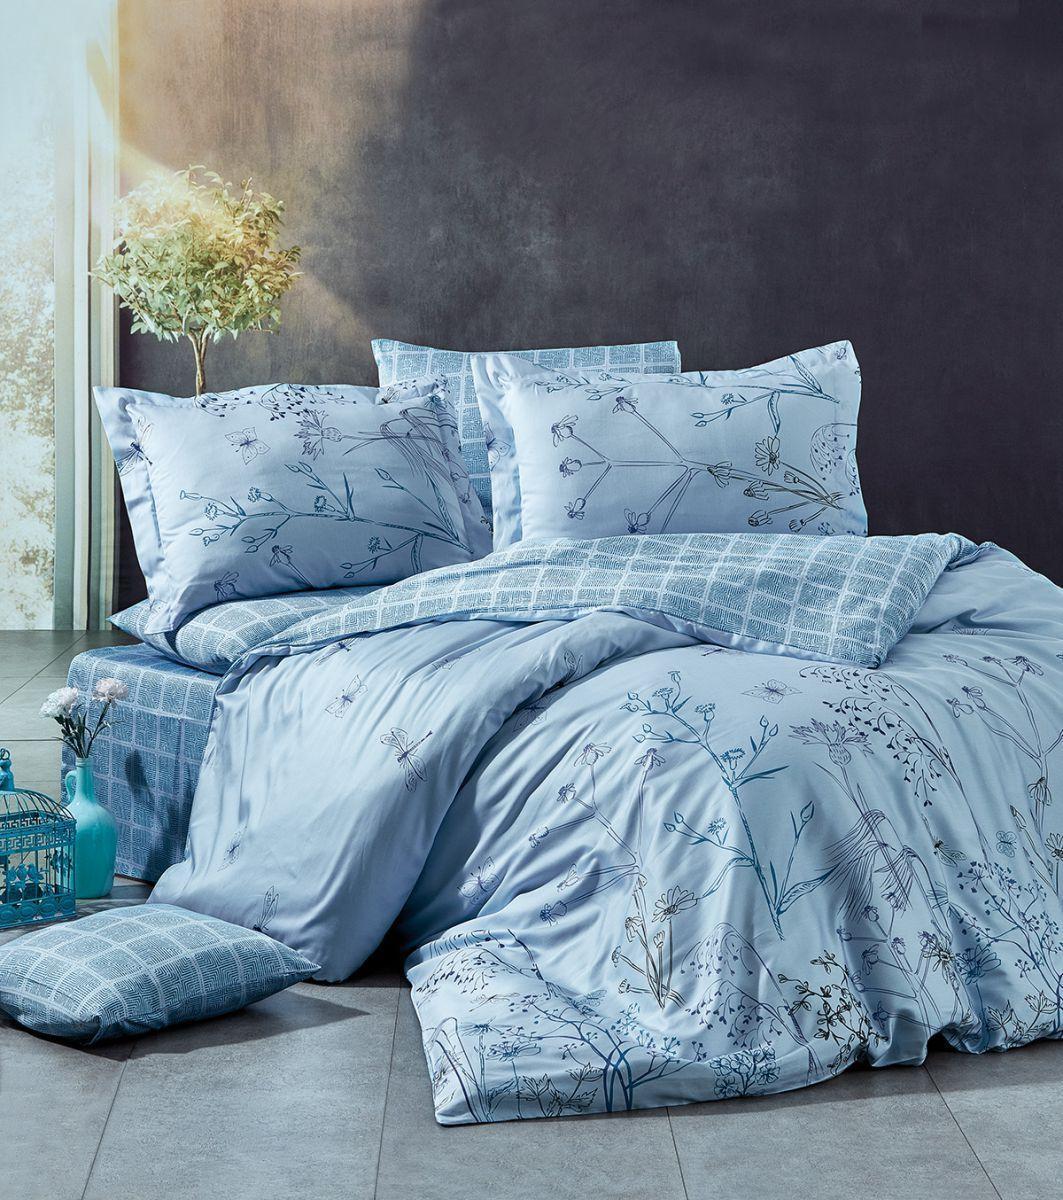 Евро-комплект постельного белья Nazenin Gardenia mavi Сатин. Турция